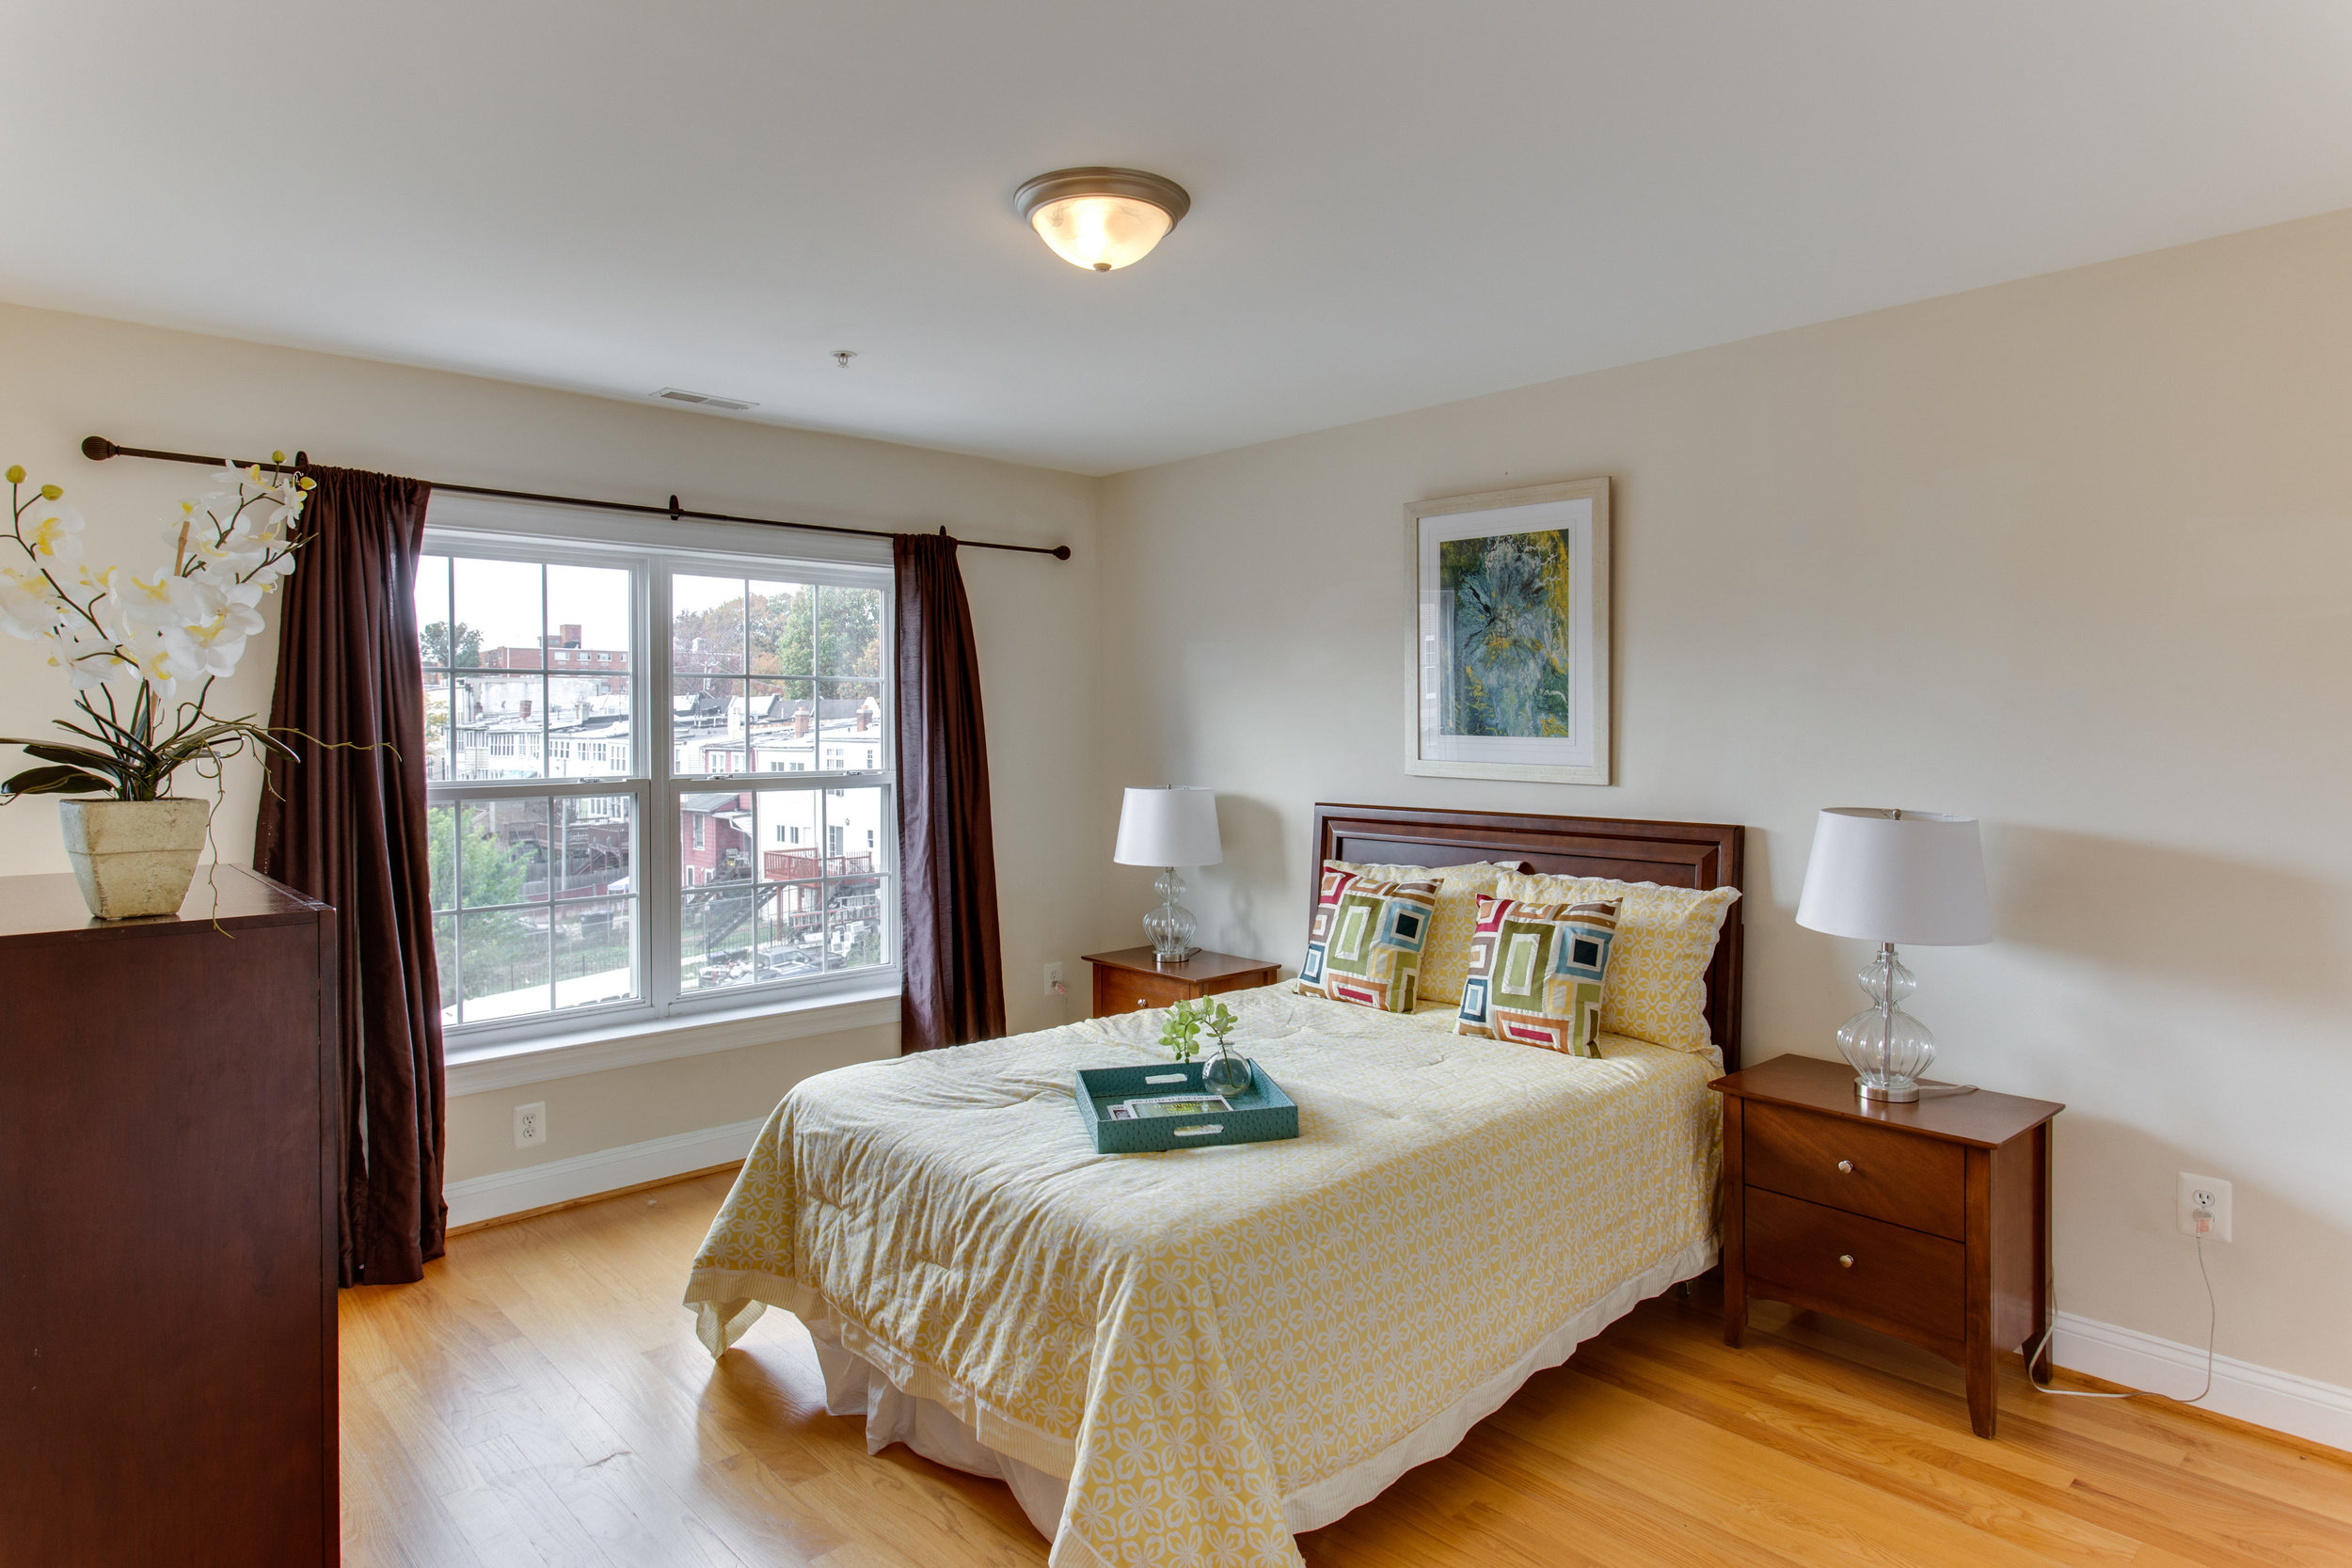 5522 9th St NW Unit 1-print-053-59-Bedroom 2-4200x2800-300dpi.jpg